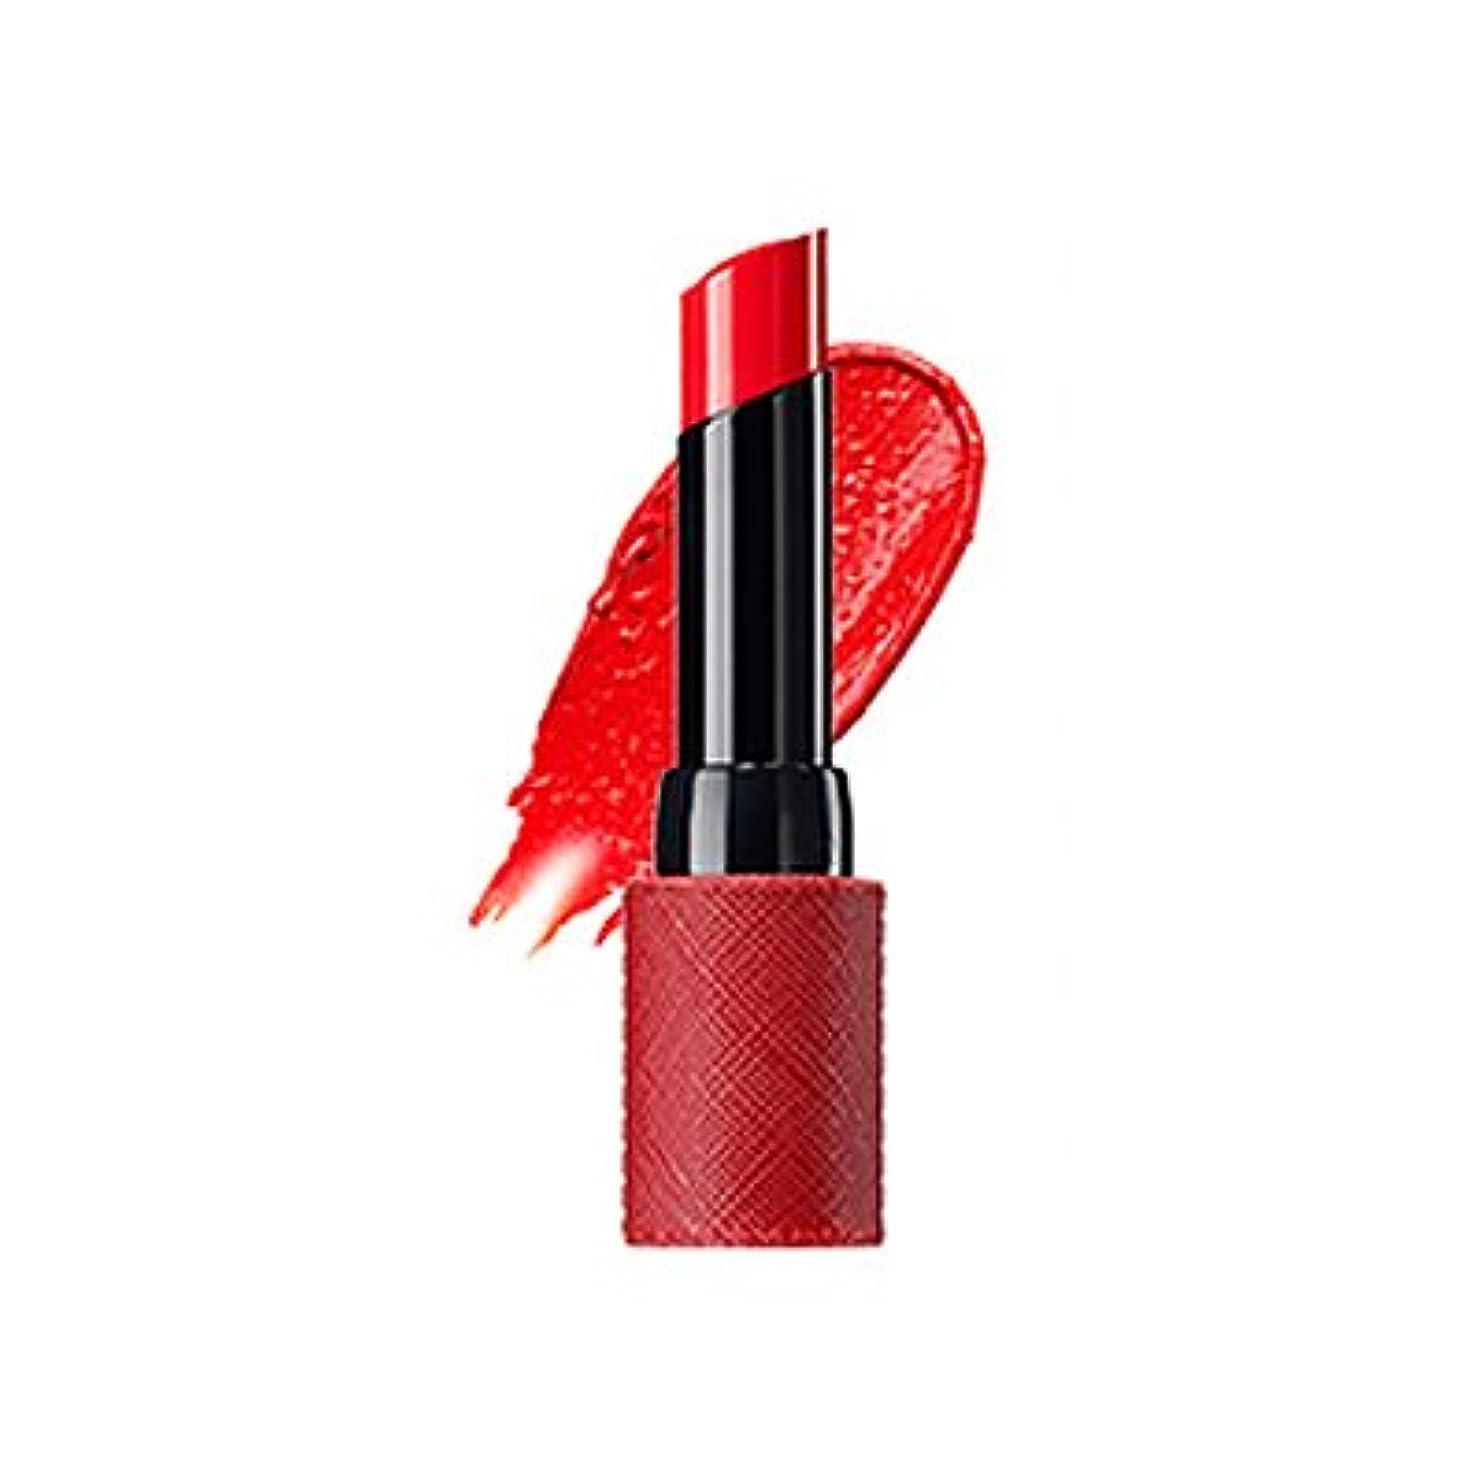 速度濃度手紙を書くThe Saem Kissholic Lipstick S (OR 01 Dangerous) ザセムキスホリックリップスティック S [並行輸入品]